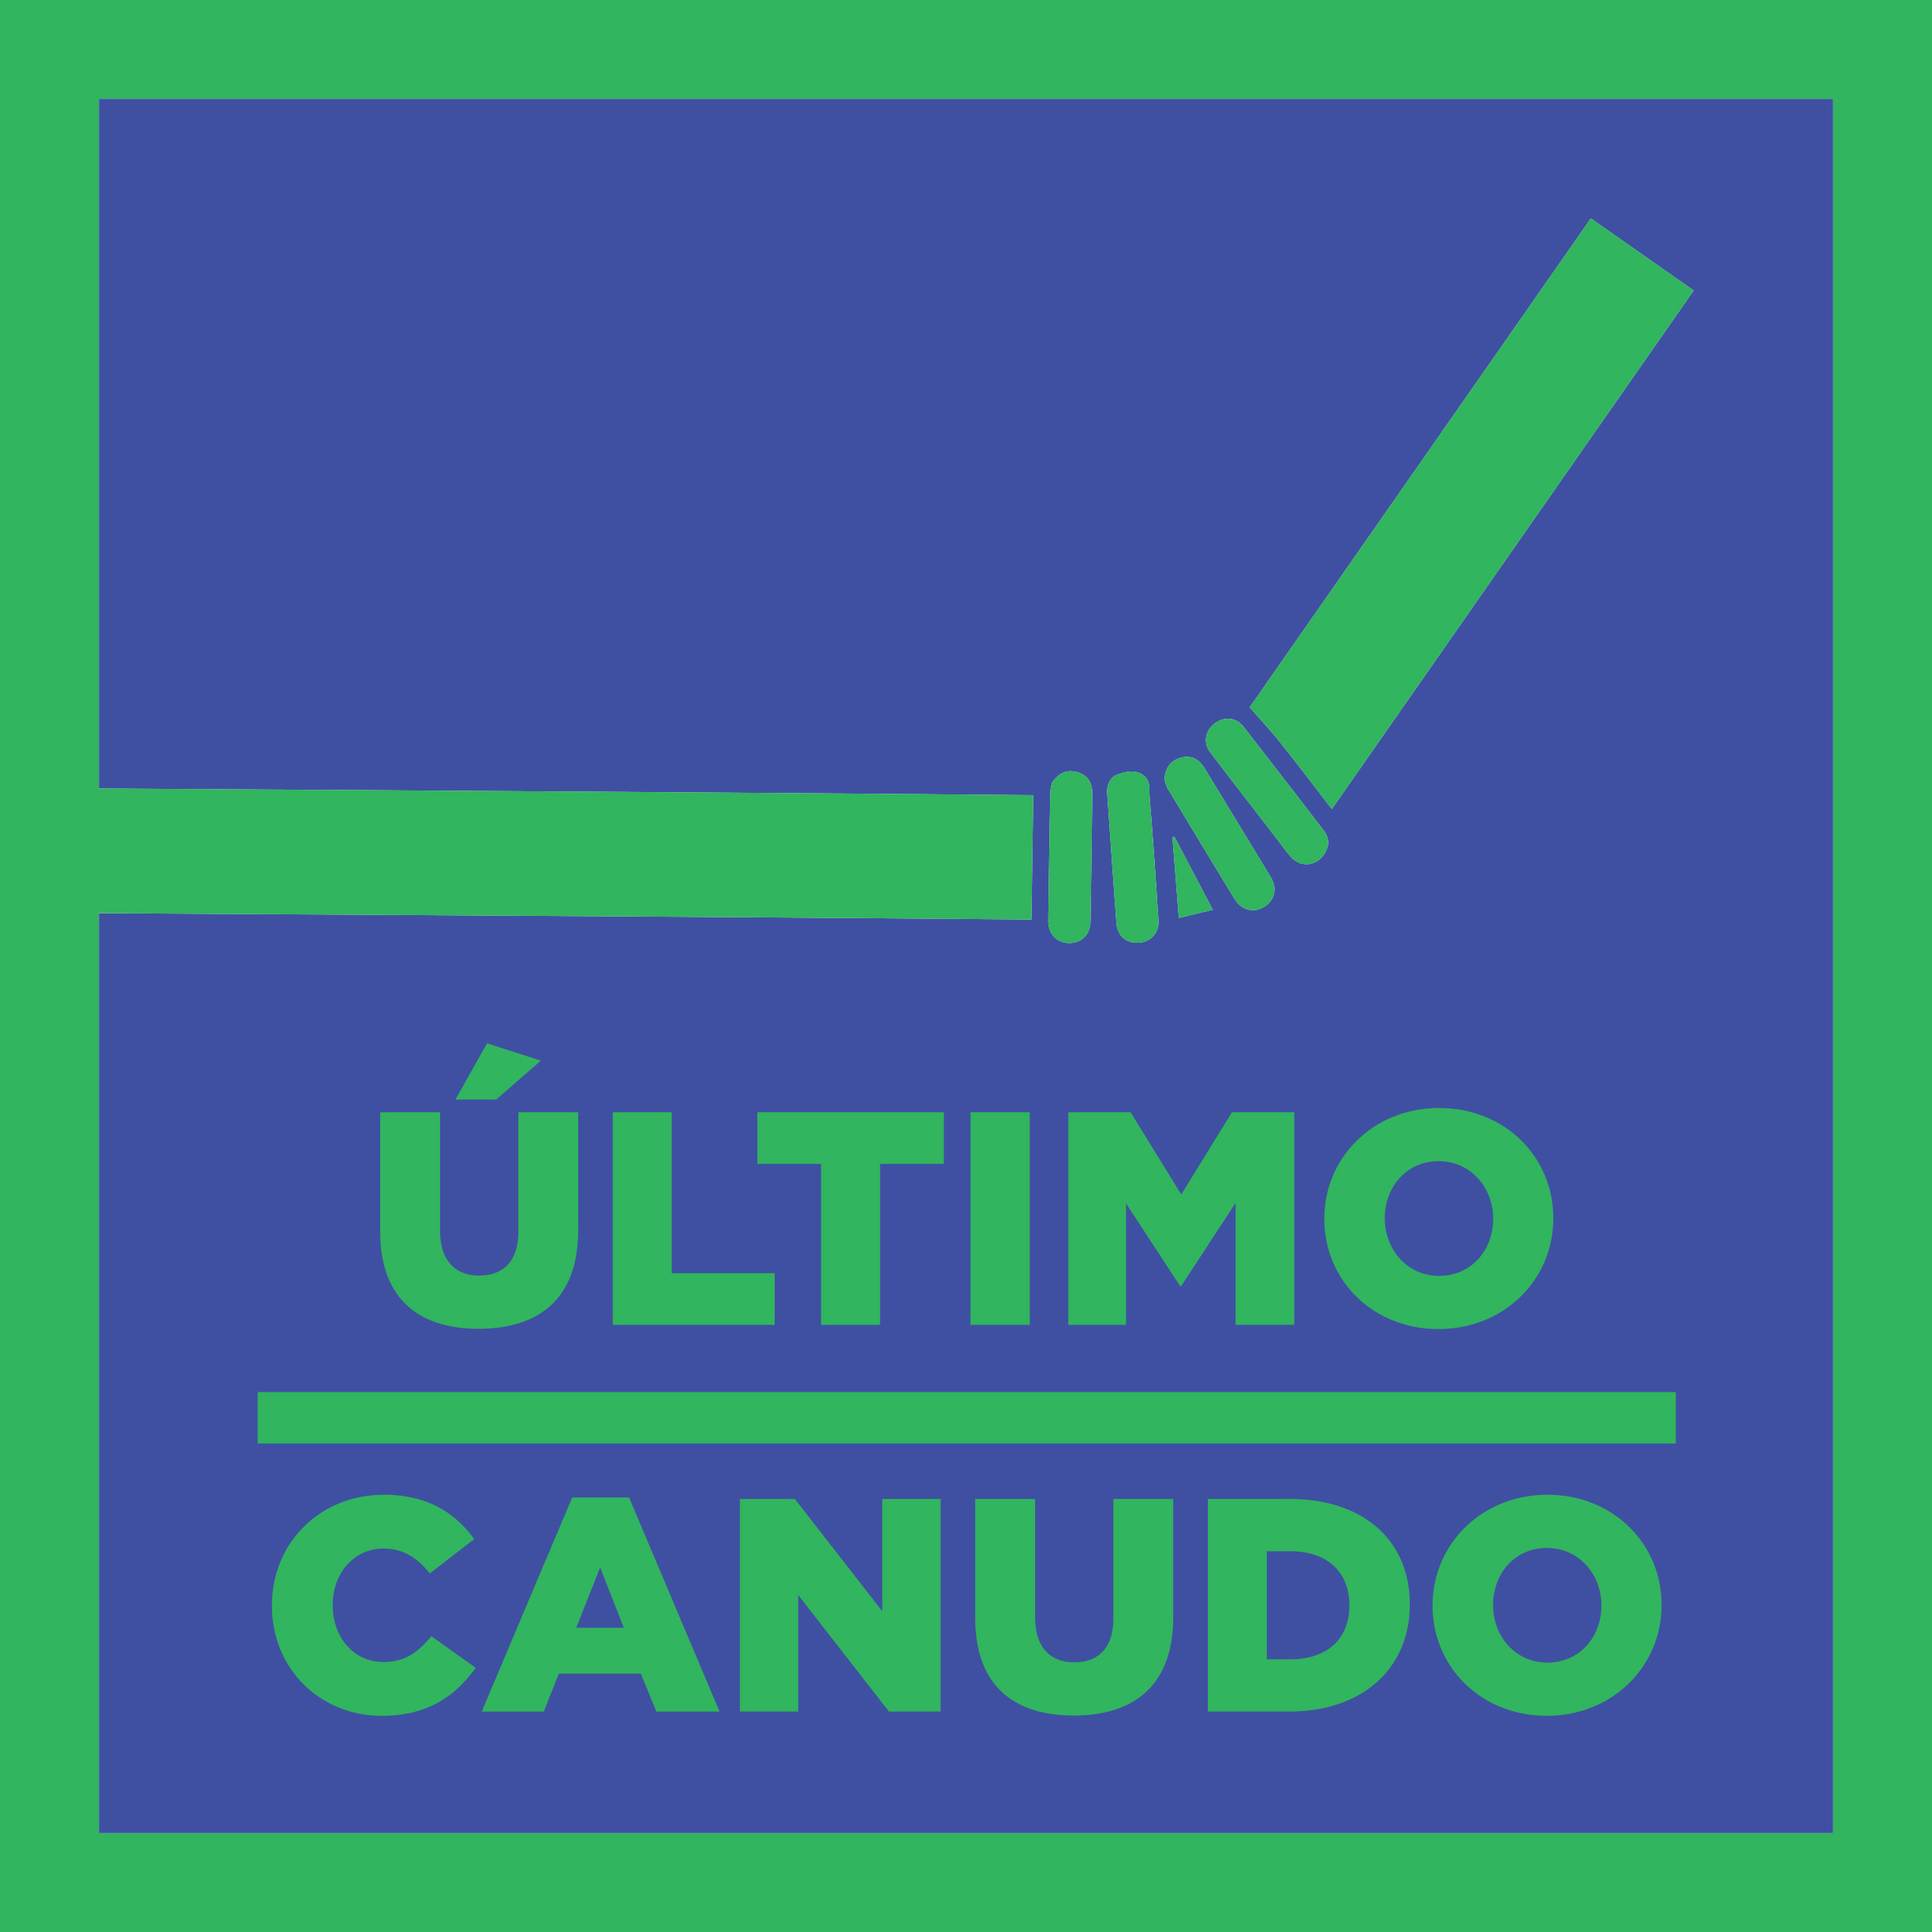 #UltimoCanudo  Compartilhe nas redes suas dicas de sustentabilidade e combate ao uso desnecessário do plástico de uso único como canudinhos, copinhos, pratinhos, etc...